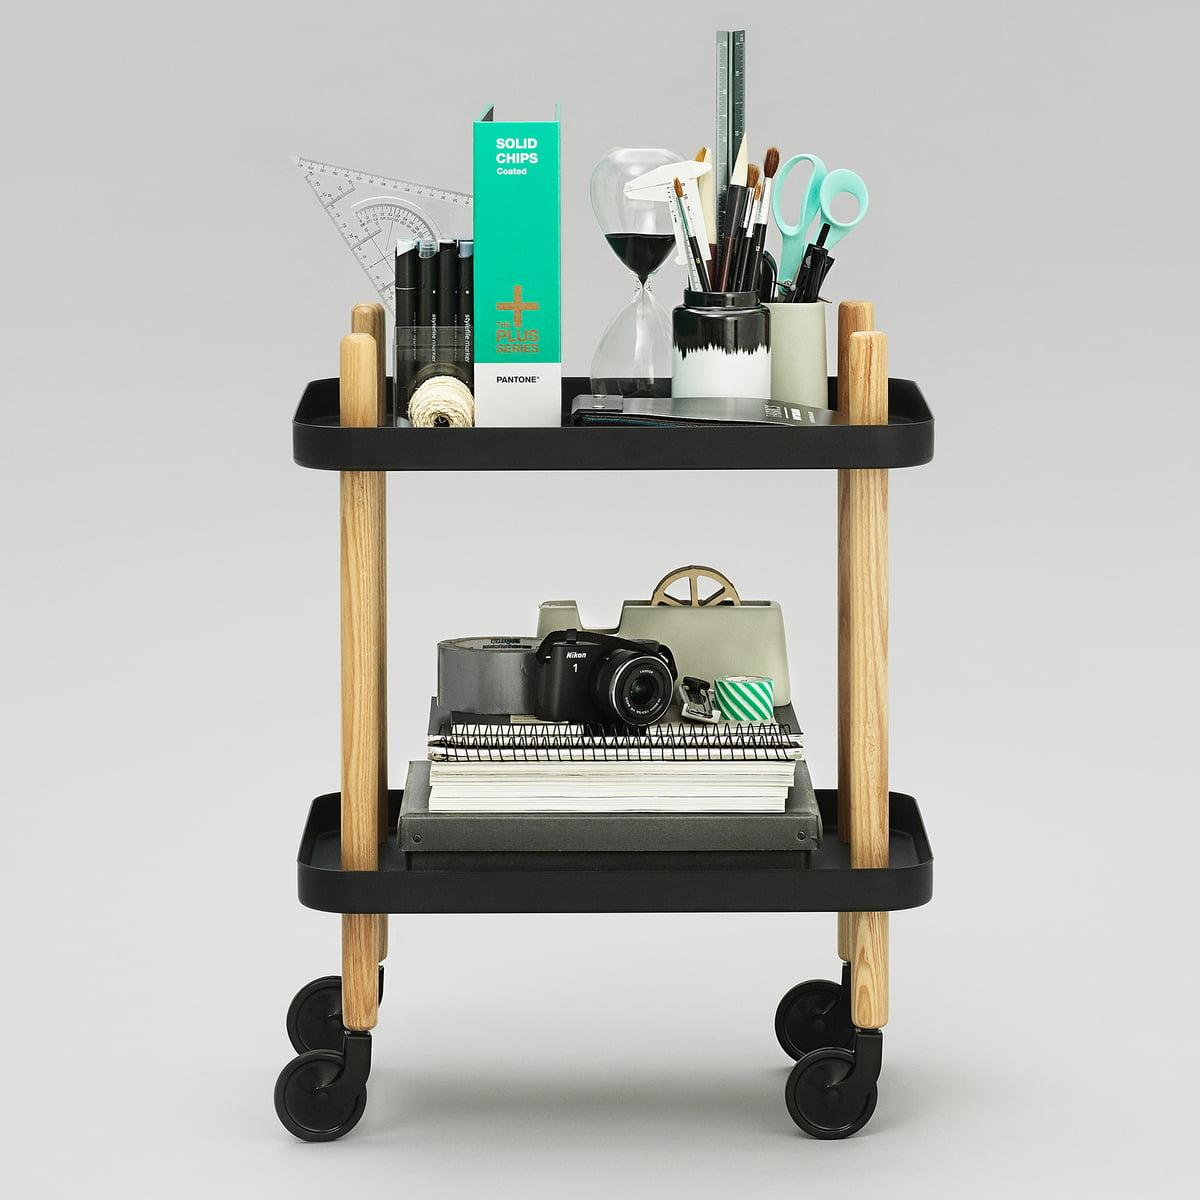 Groß Billige Küchengeräte Pakete Uk Fotos - Küche Set Ideen ...